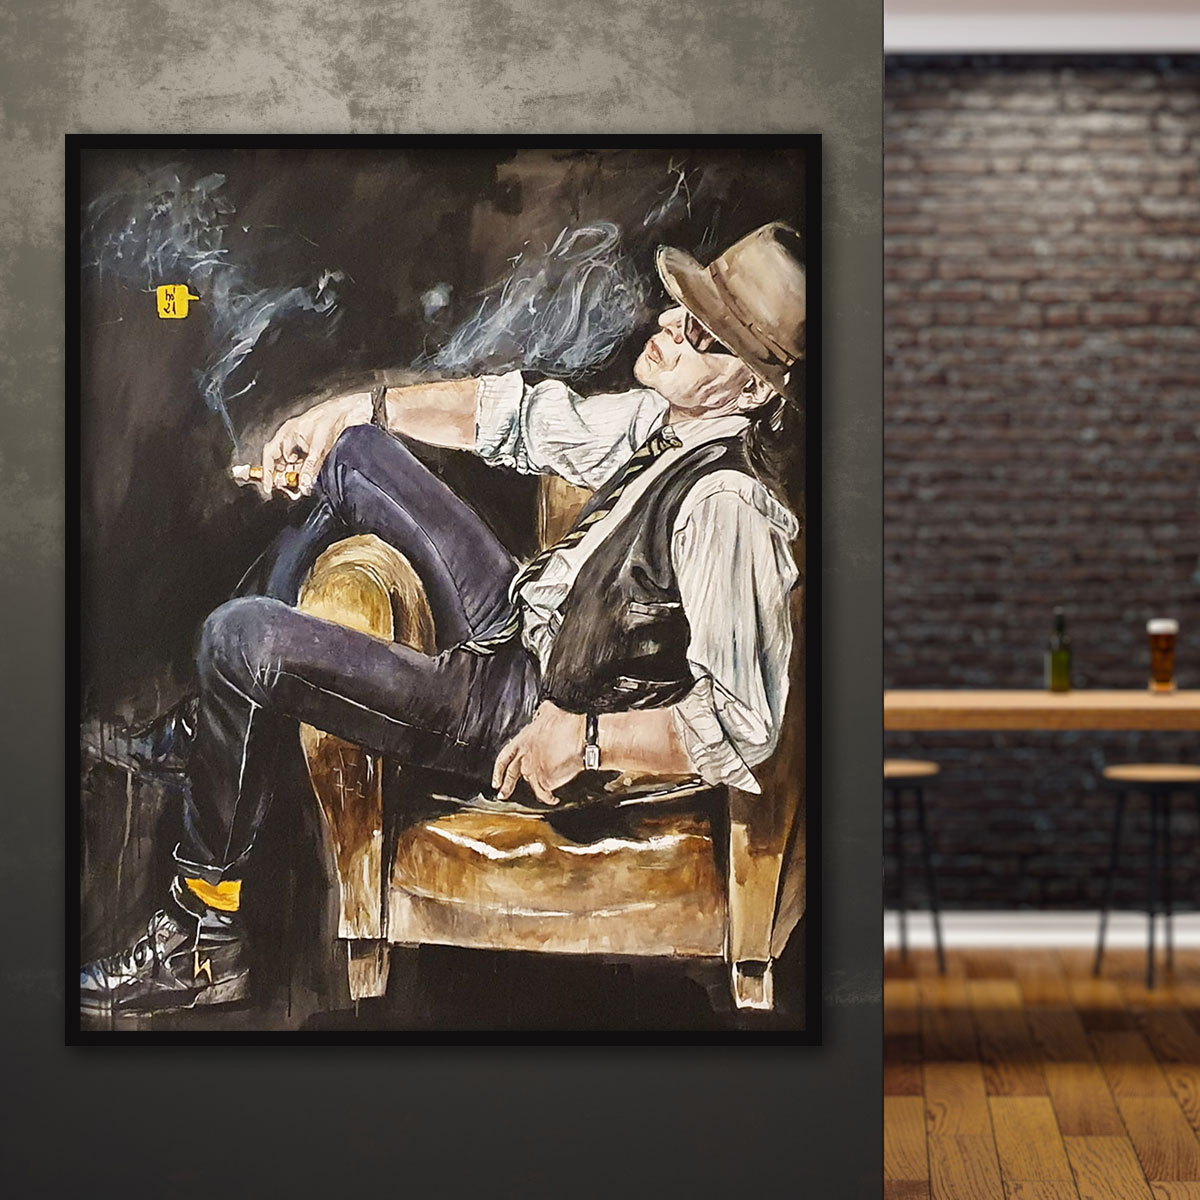 Das Kunstwerk ist in Acrylfarben gemalt. Das Gemälde zeigt Udo Lindenberg sitzend auf einem Sessel und rauchend einer Zigarette.